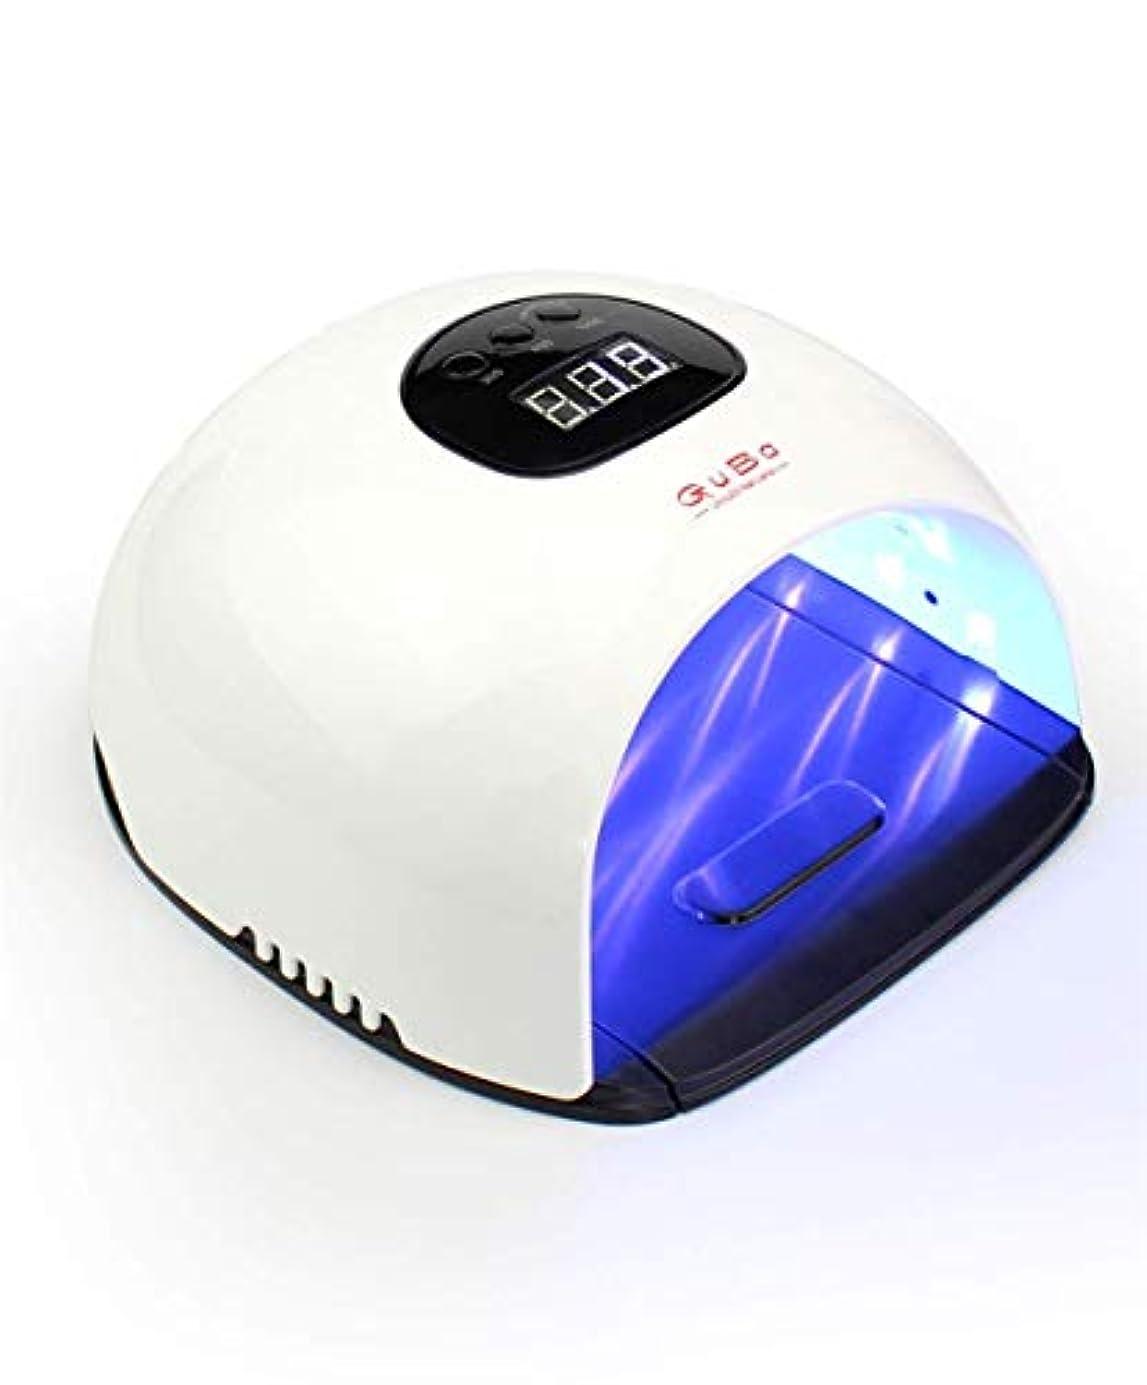 ジャニス掃く岩マニキュア液晶ディスプレイuv用器具ネイル用48ワット紫外線療法ジェルポリッシュランプネイルライトドライヤー機器